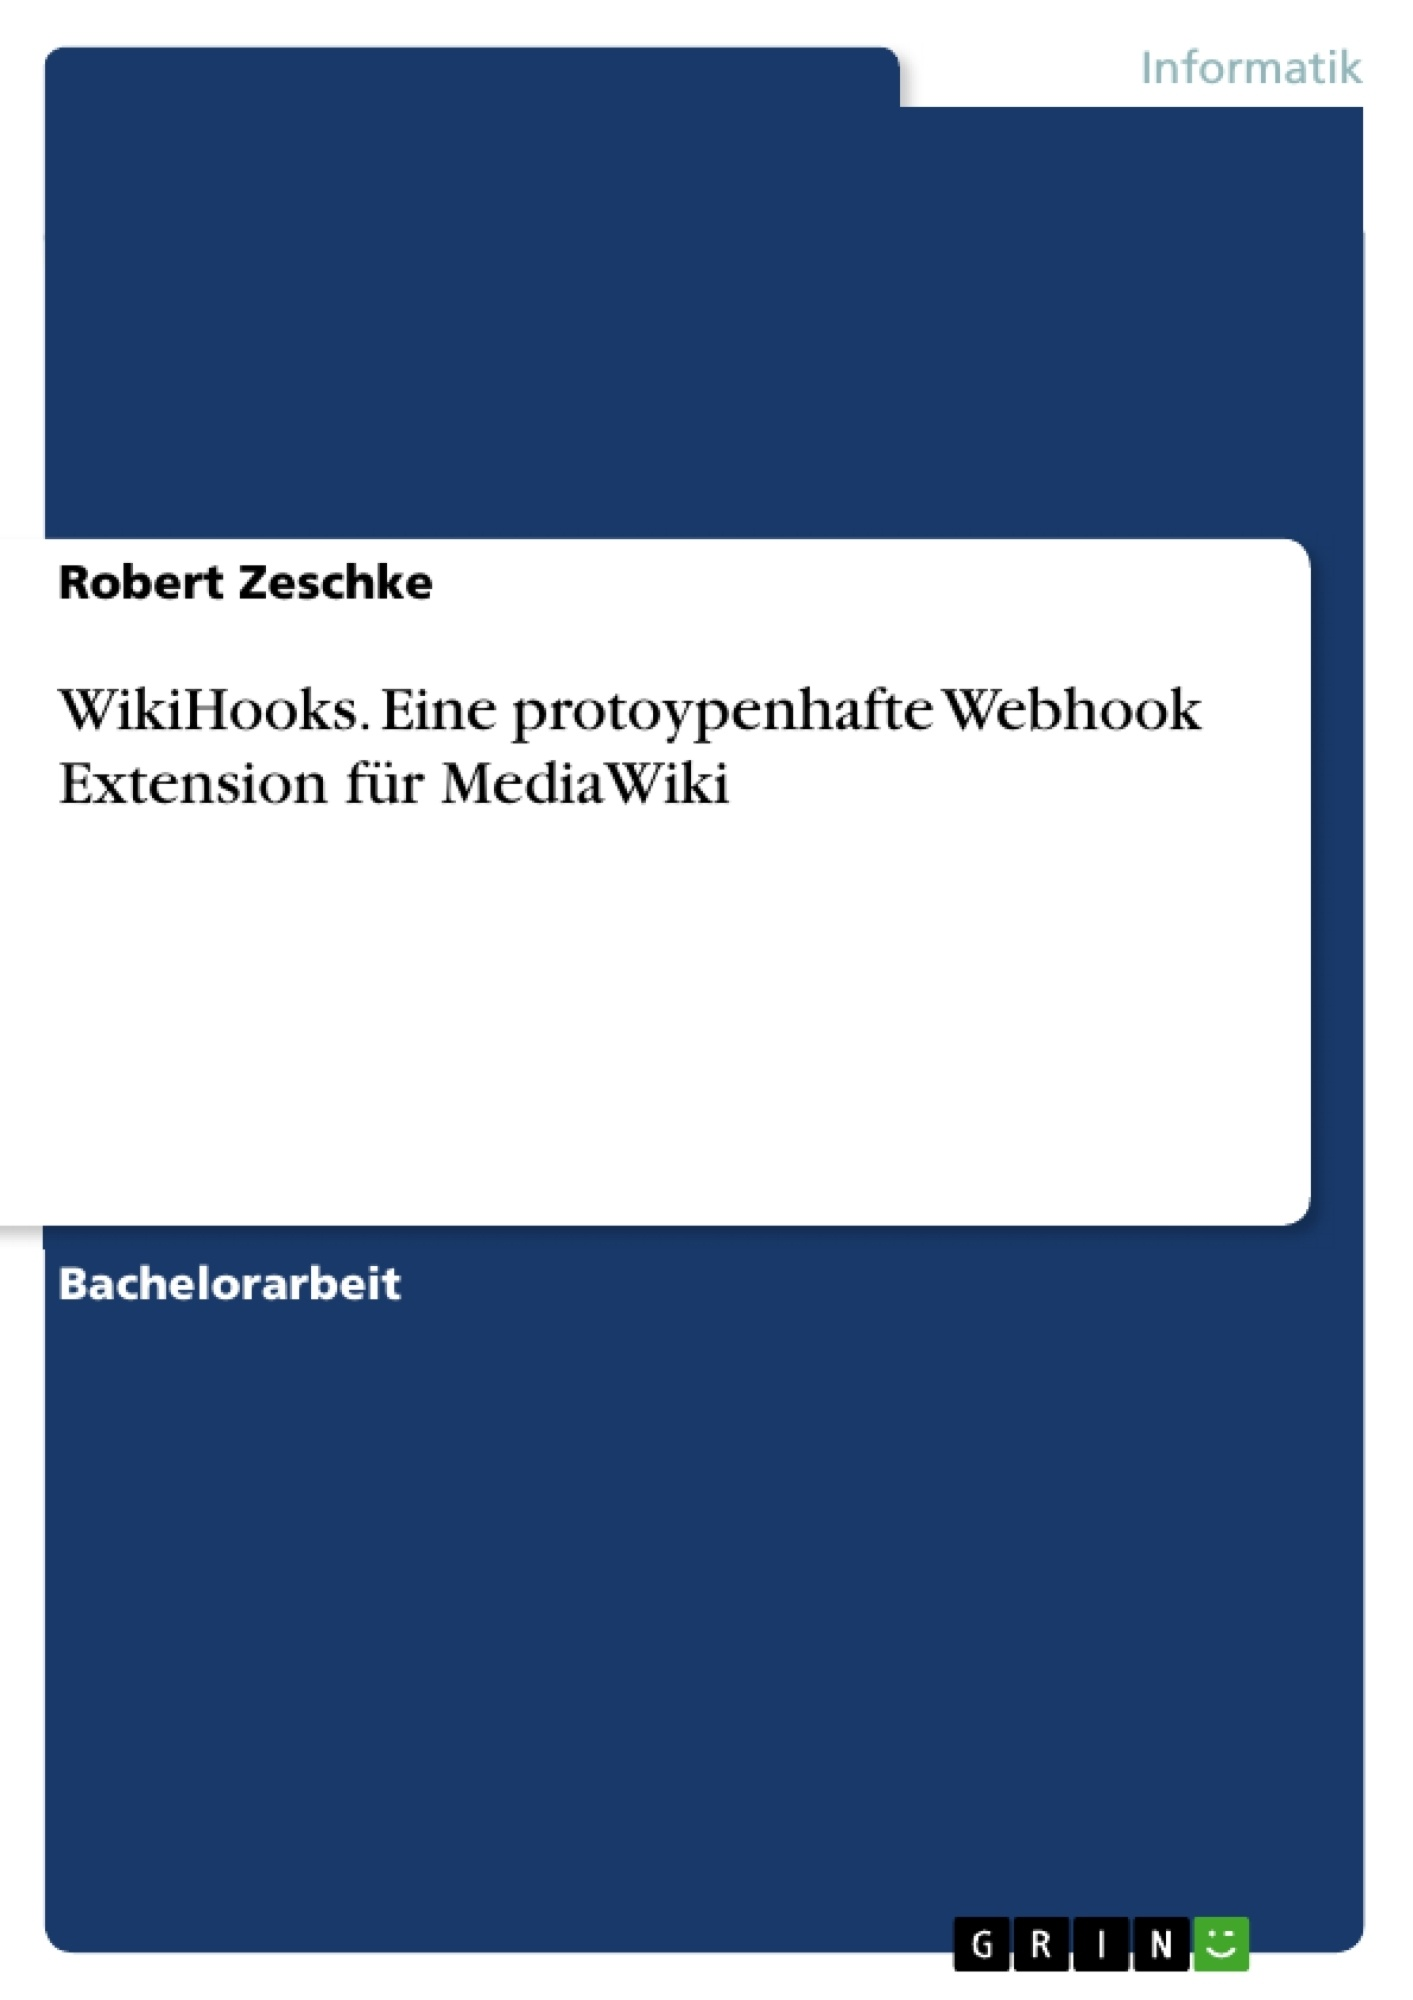 Titel: WikiHooks. Eine protoypenhafte Webhook Extension für MediaWiki